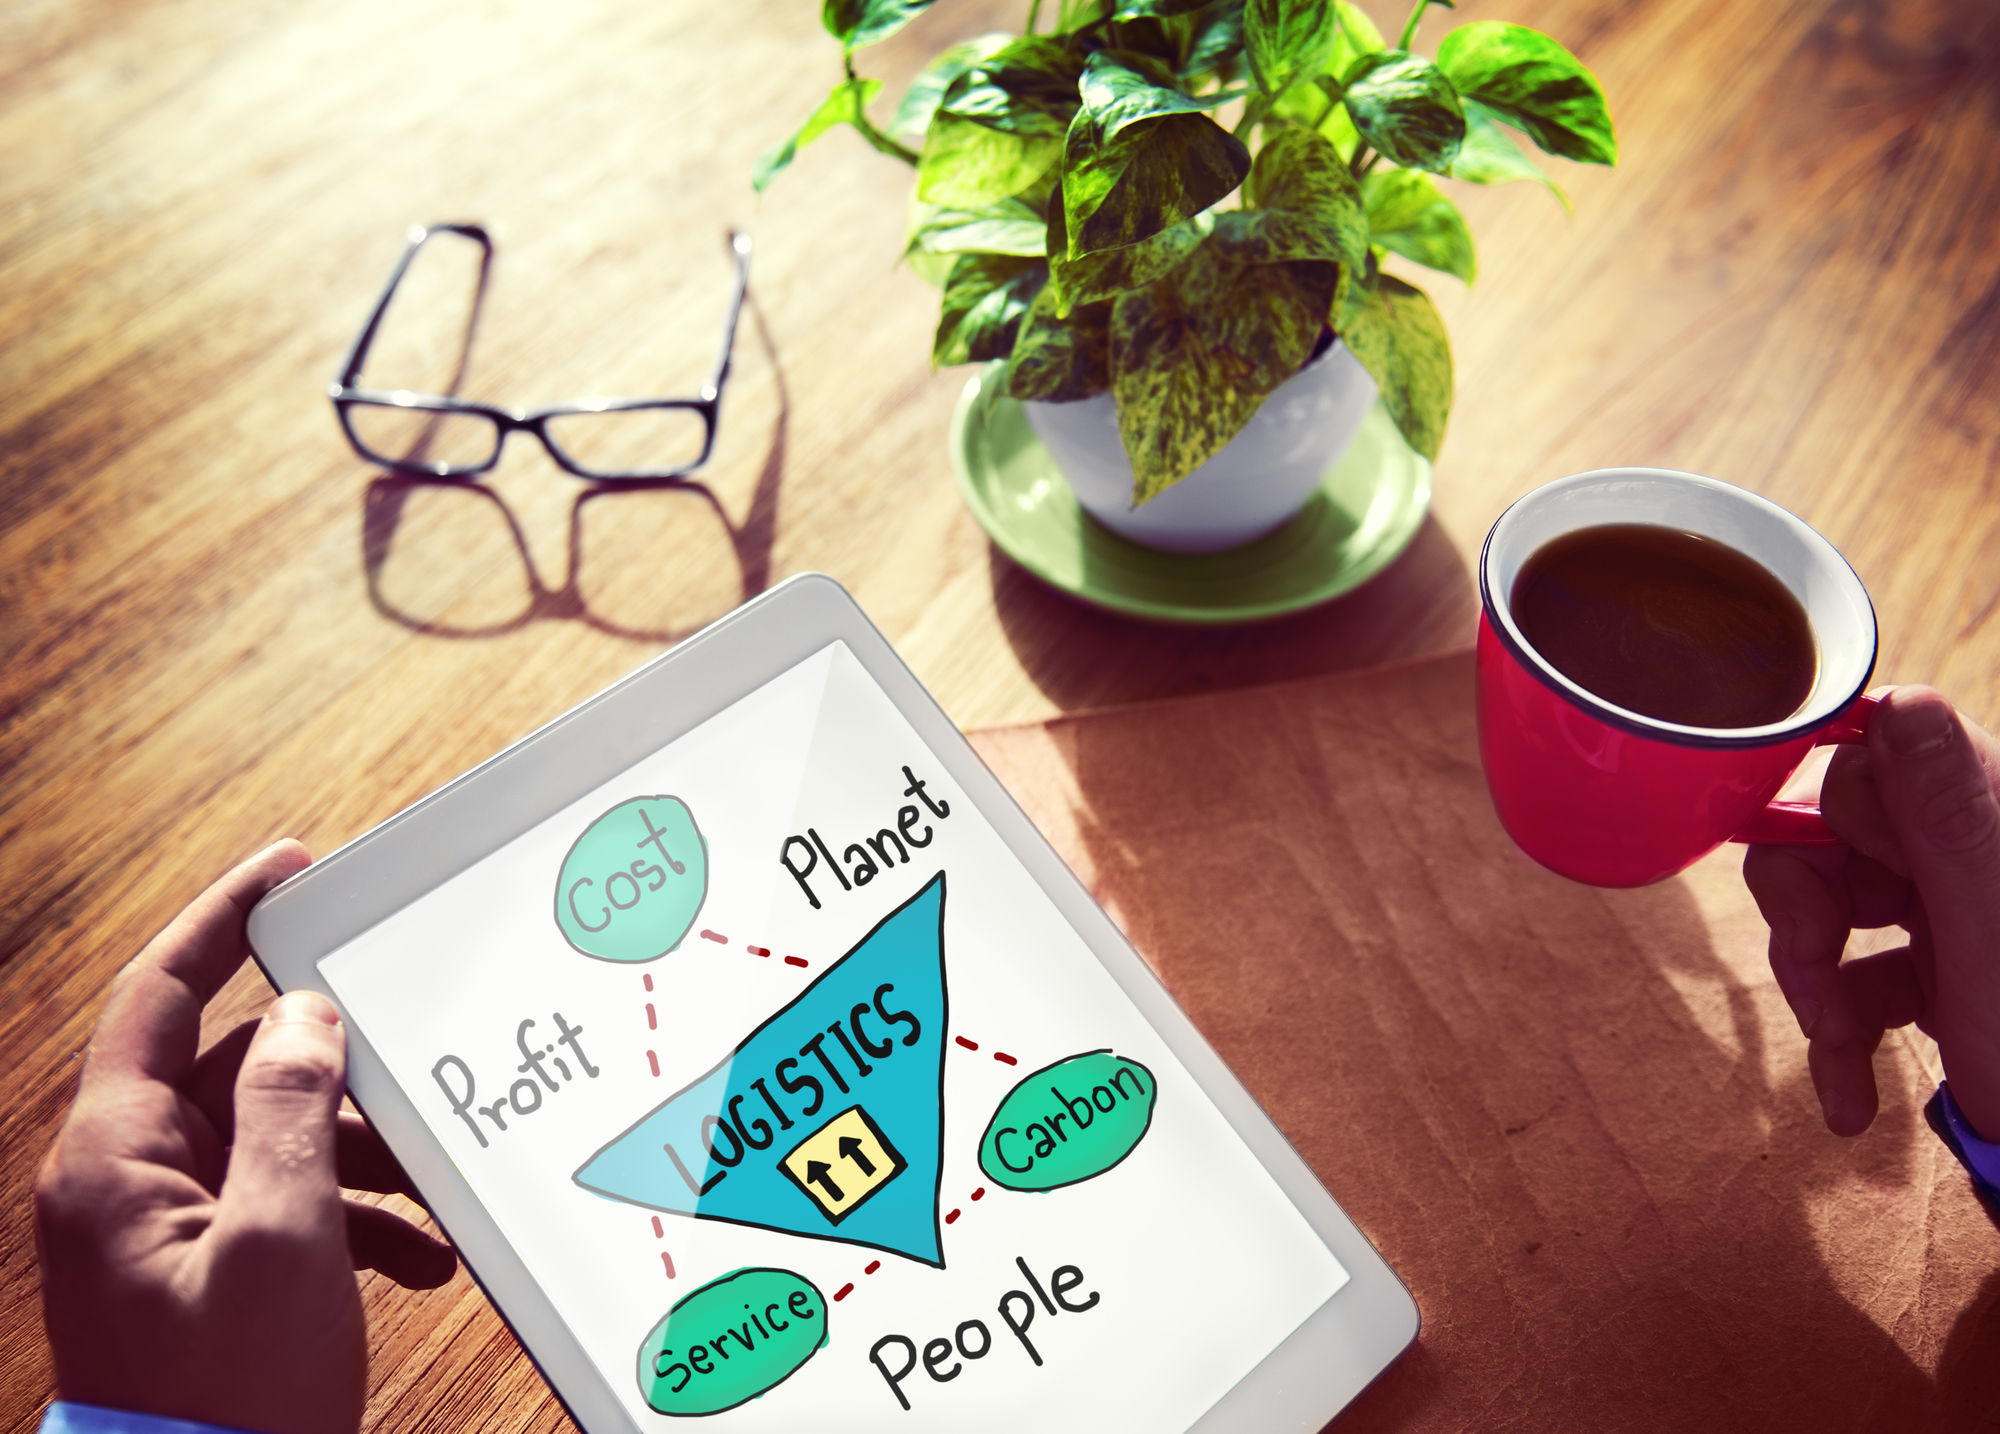 中堅企業の経営者が知っておきたいロジスティクス戦略の基本的な考え方